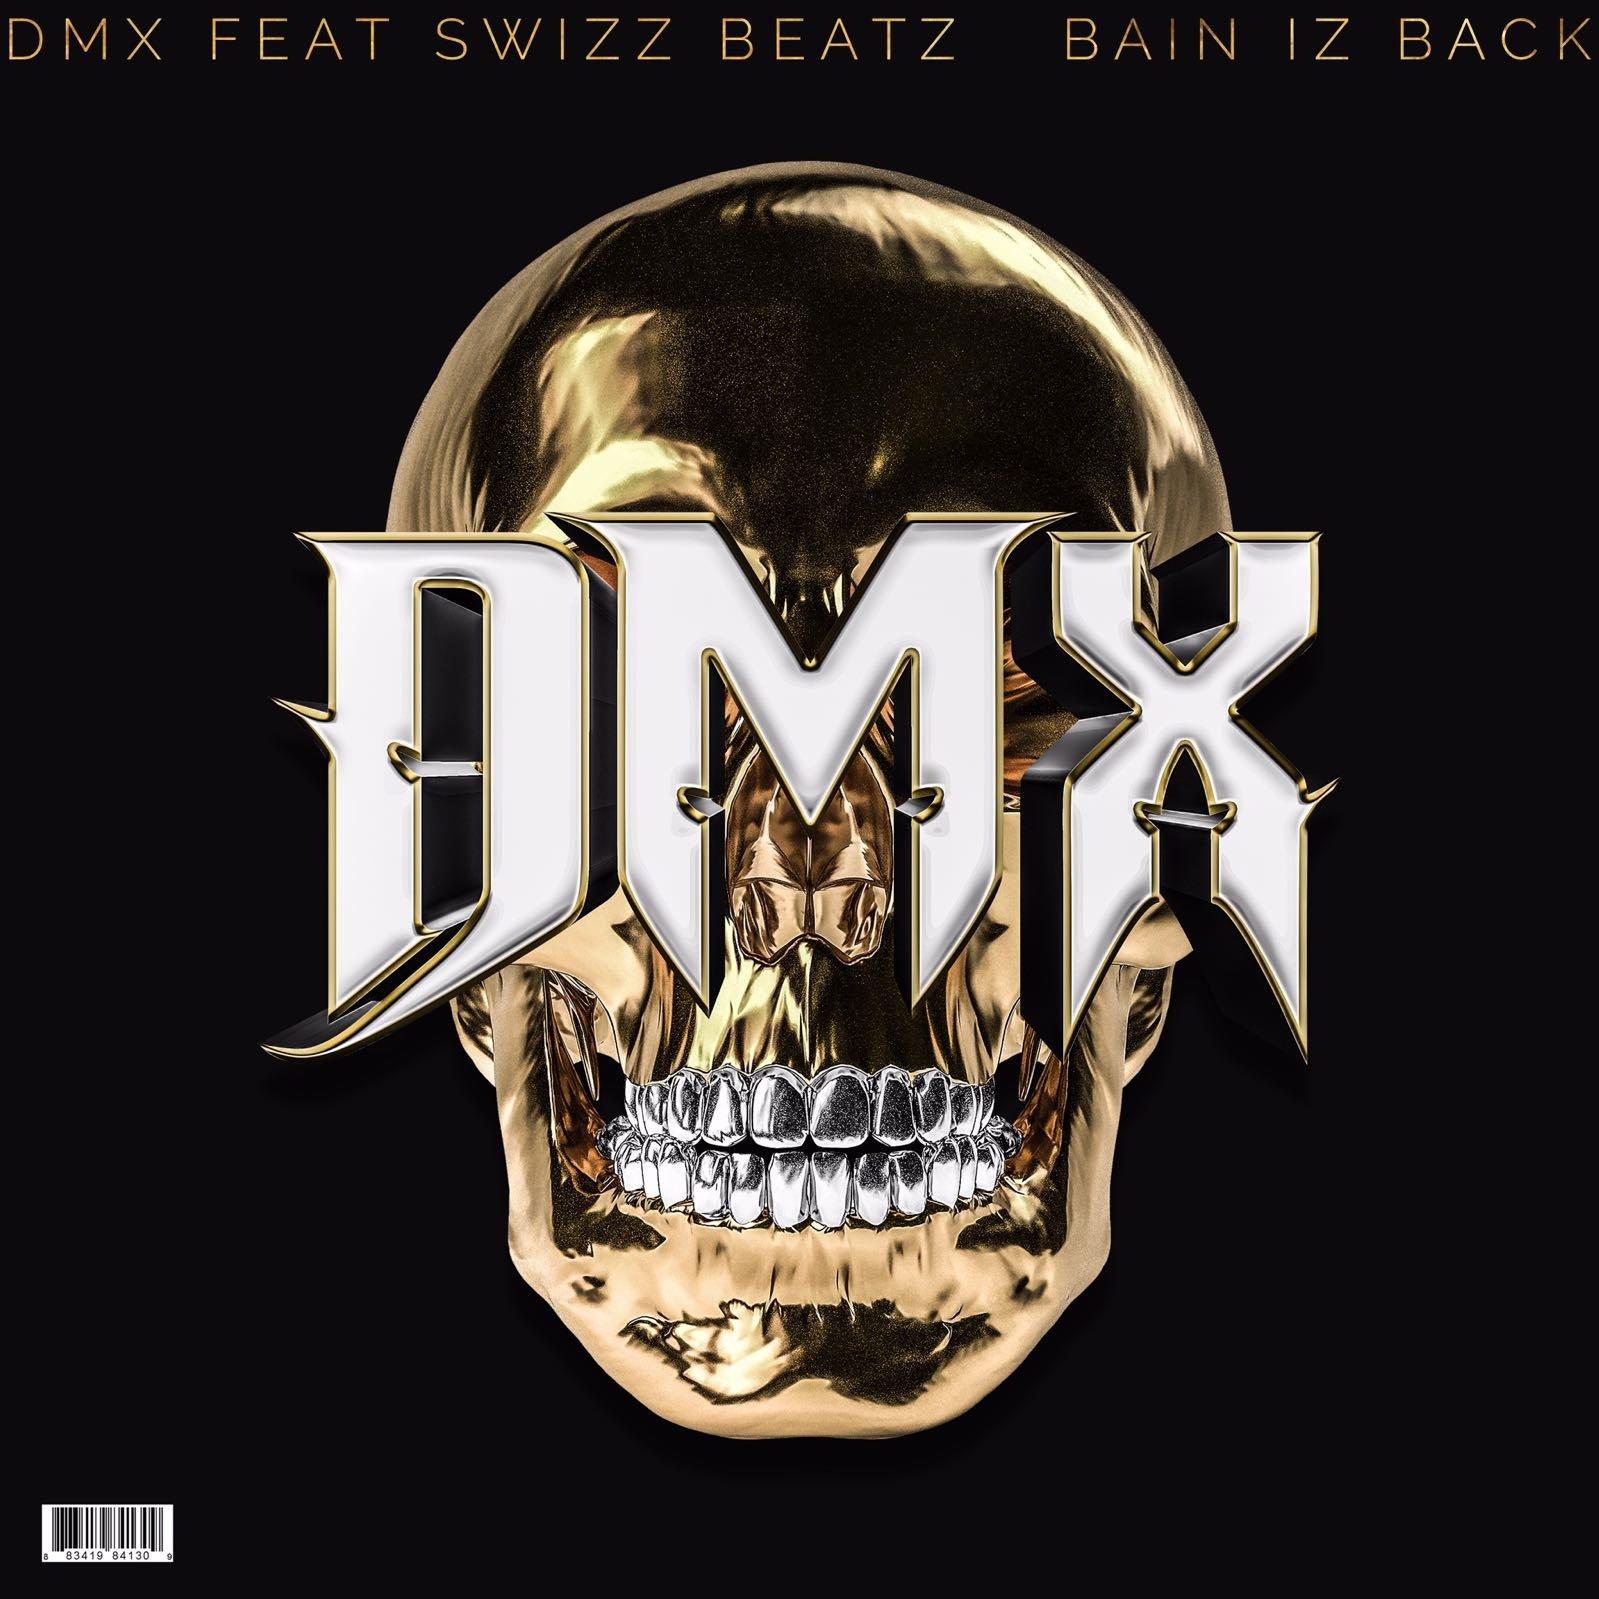 dmx-bain-iz-back-a1